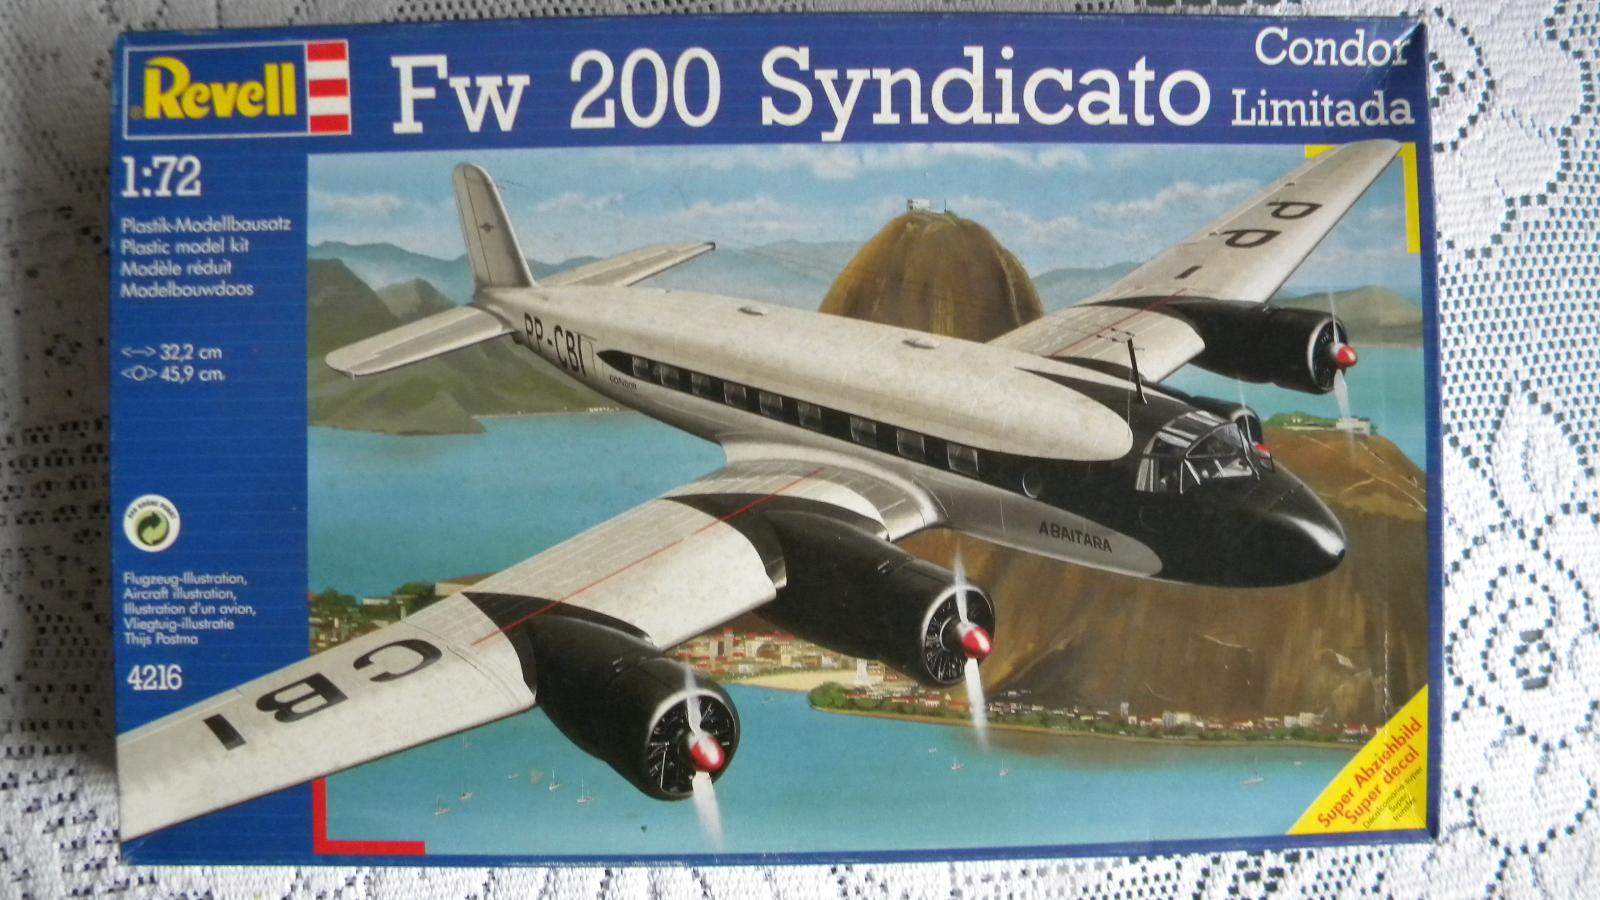 Fw 200 Syndicato Revell 1:72 | Aukro